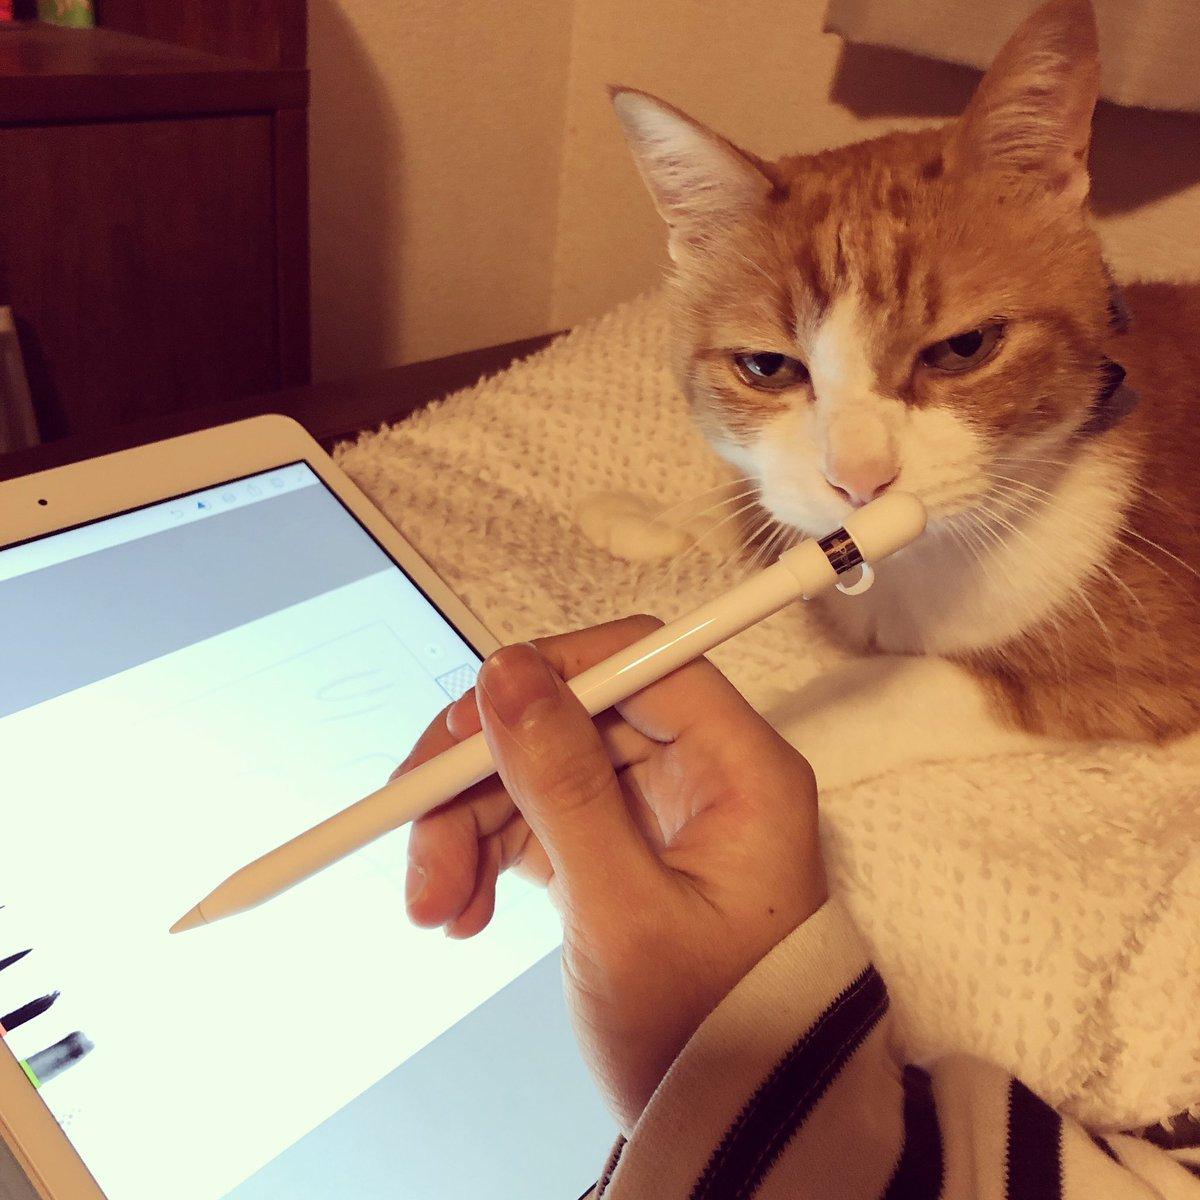 iPadなら寝ながらでも絵が描けるか検証しようとしたけどもう眠い。